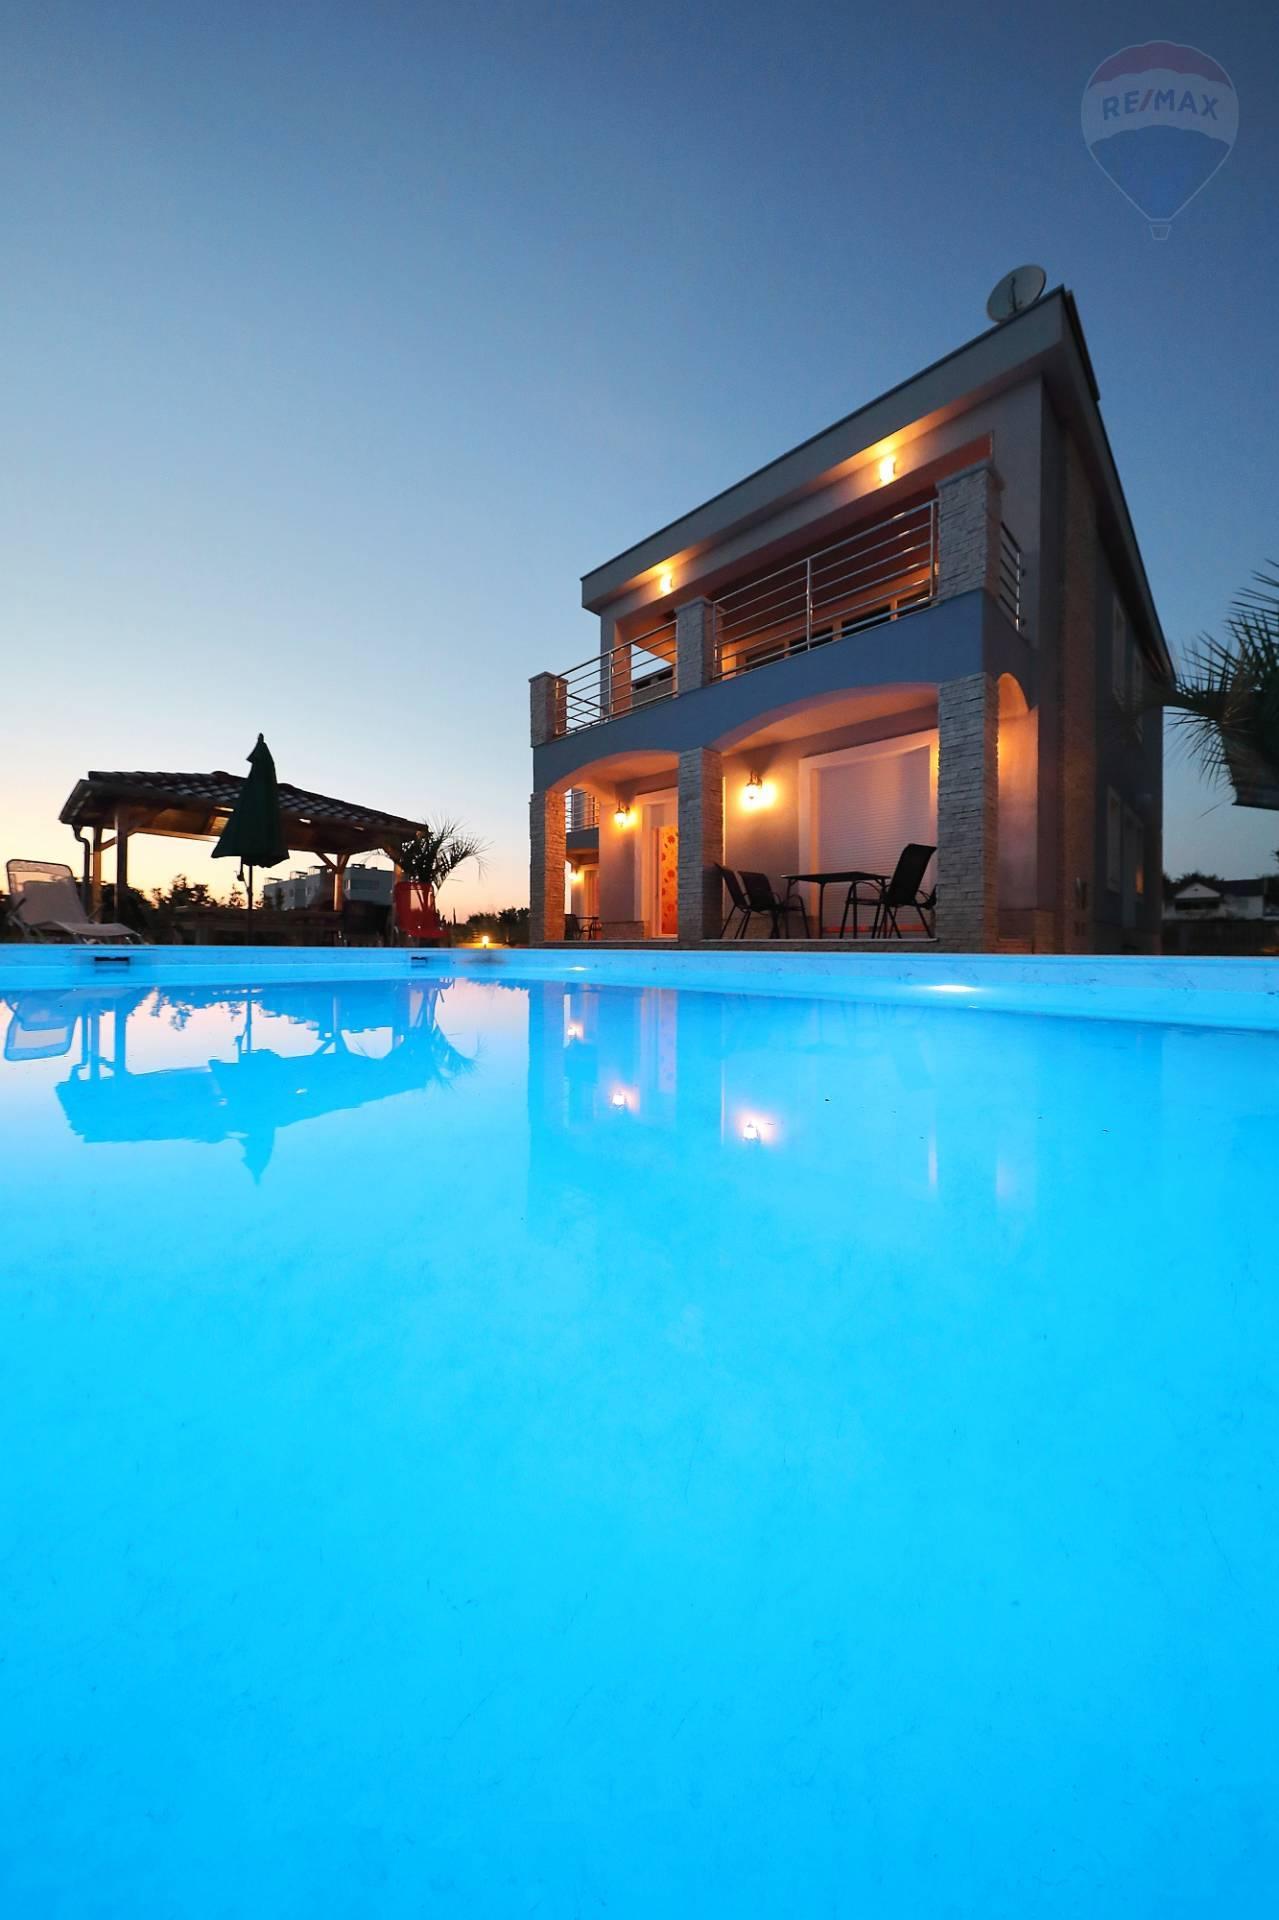 TOP PREDAJ/GREAT OFFER - Luxusné Apartmány Chorvátsko - SKVELÁ INVESTÍCIA!/APARTMENTS FOR SALE